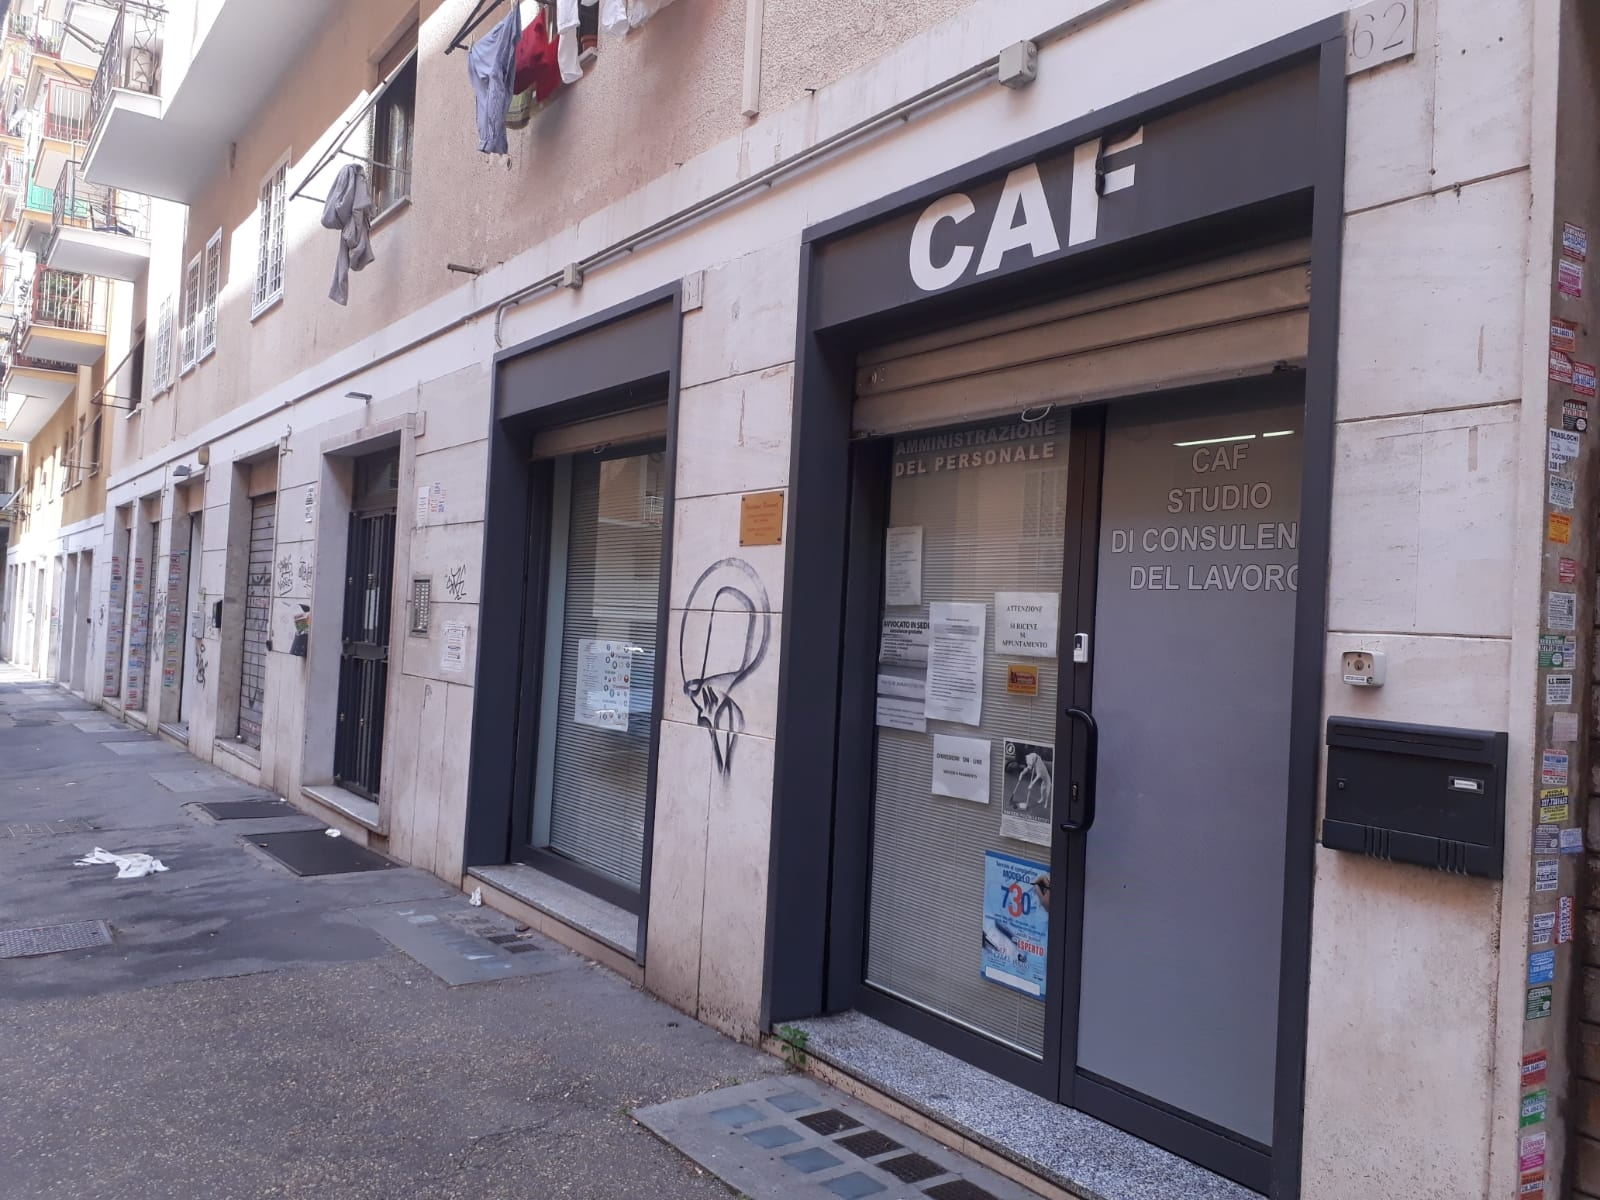 Agenzia frimm prenestina in via giorgio pitacco vendita for Locale commerciale affitto roma